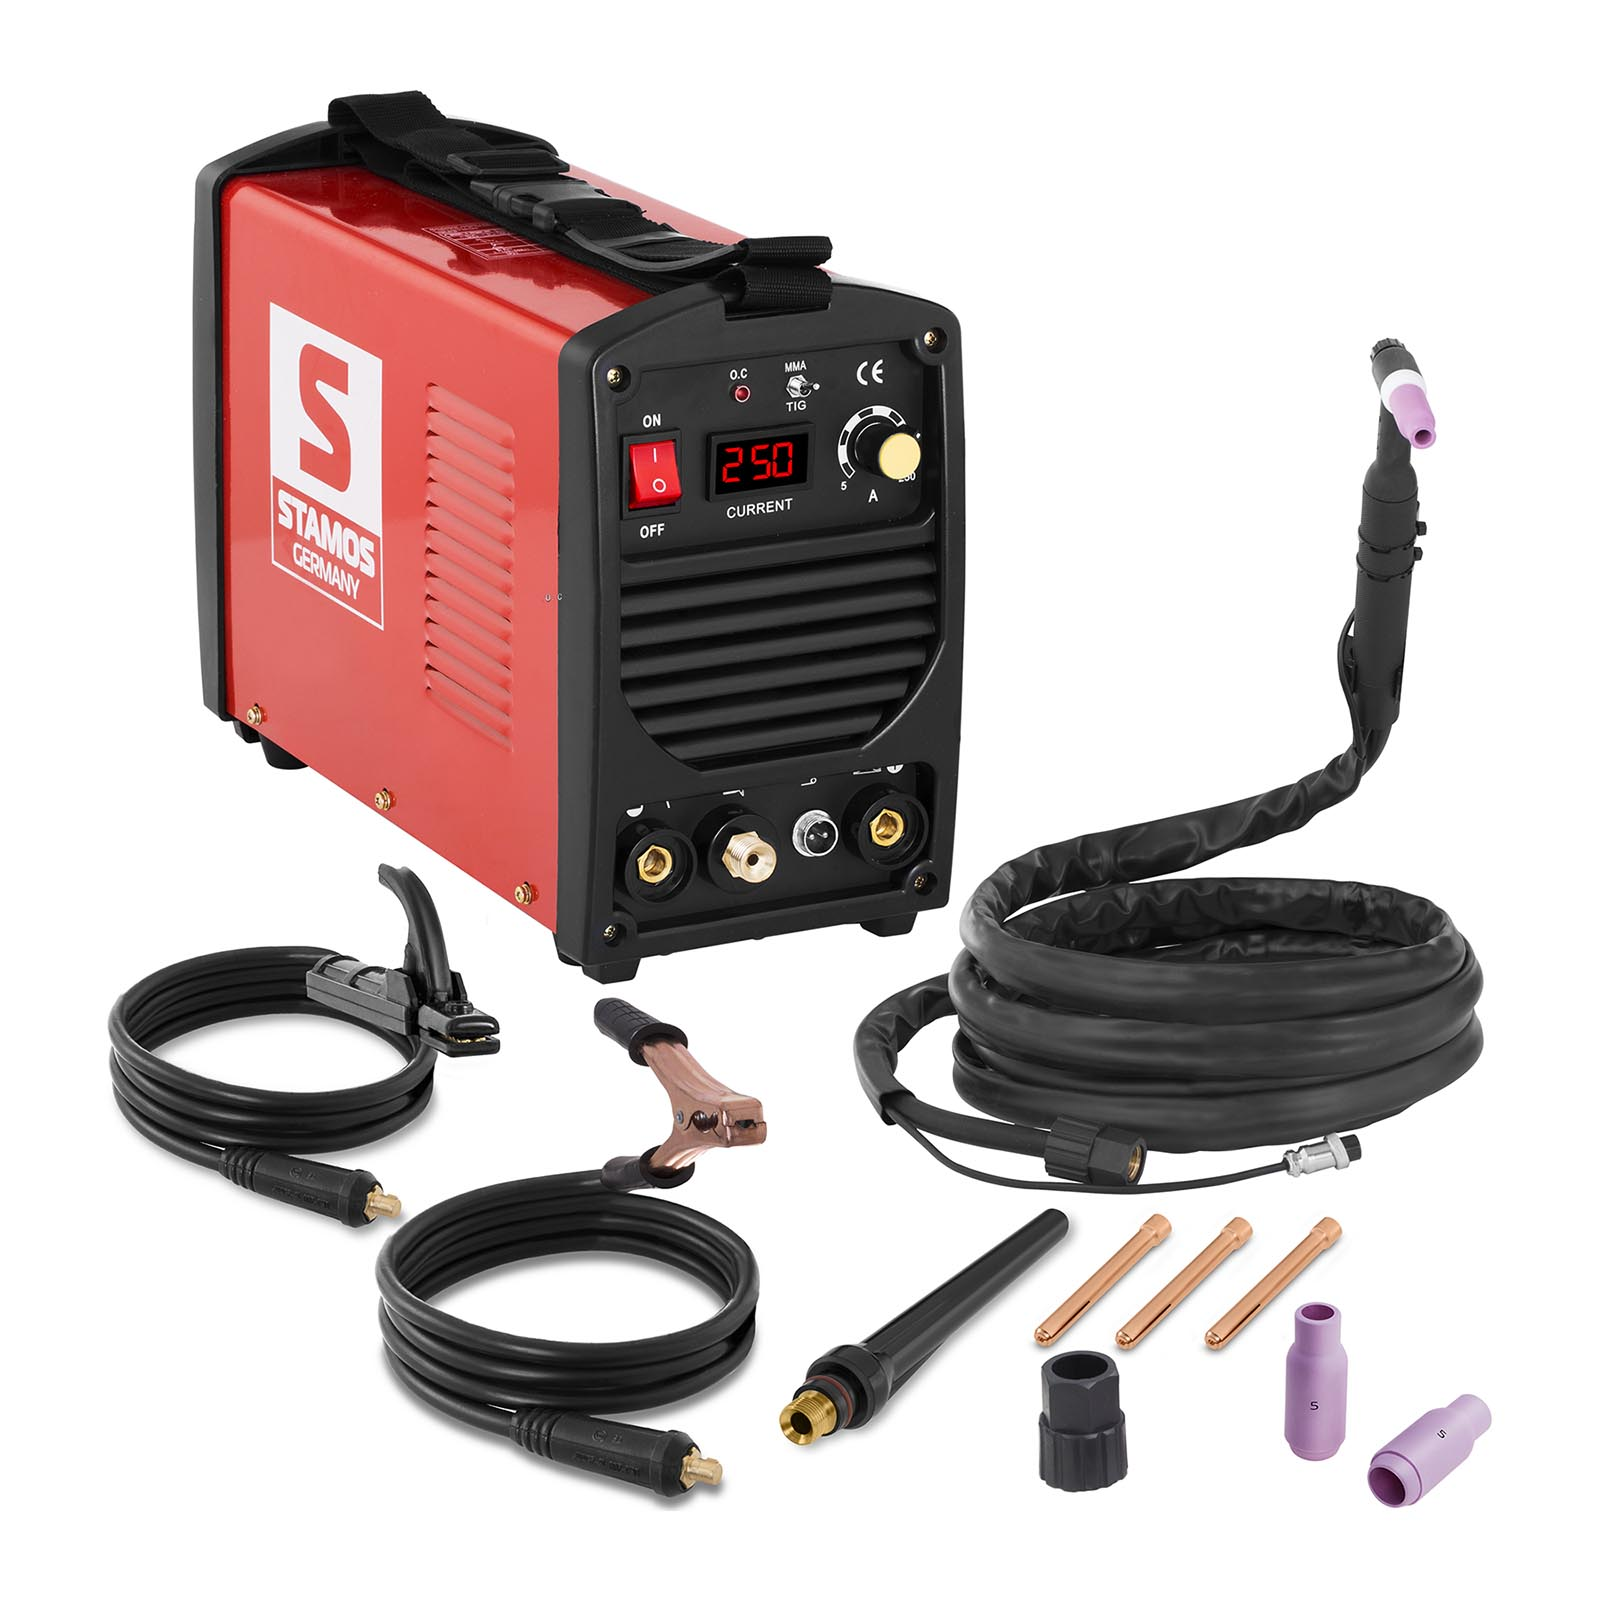 Stamos Basic WIG Schweißgerät - 250 A - 230 V - tragbar S-WIGMA 250